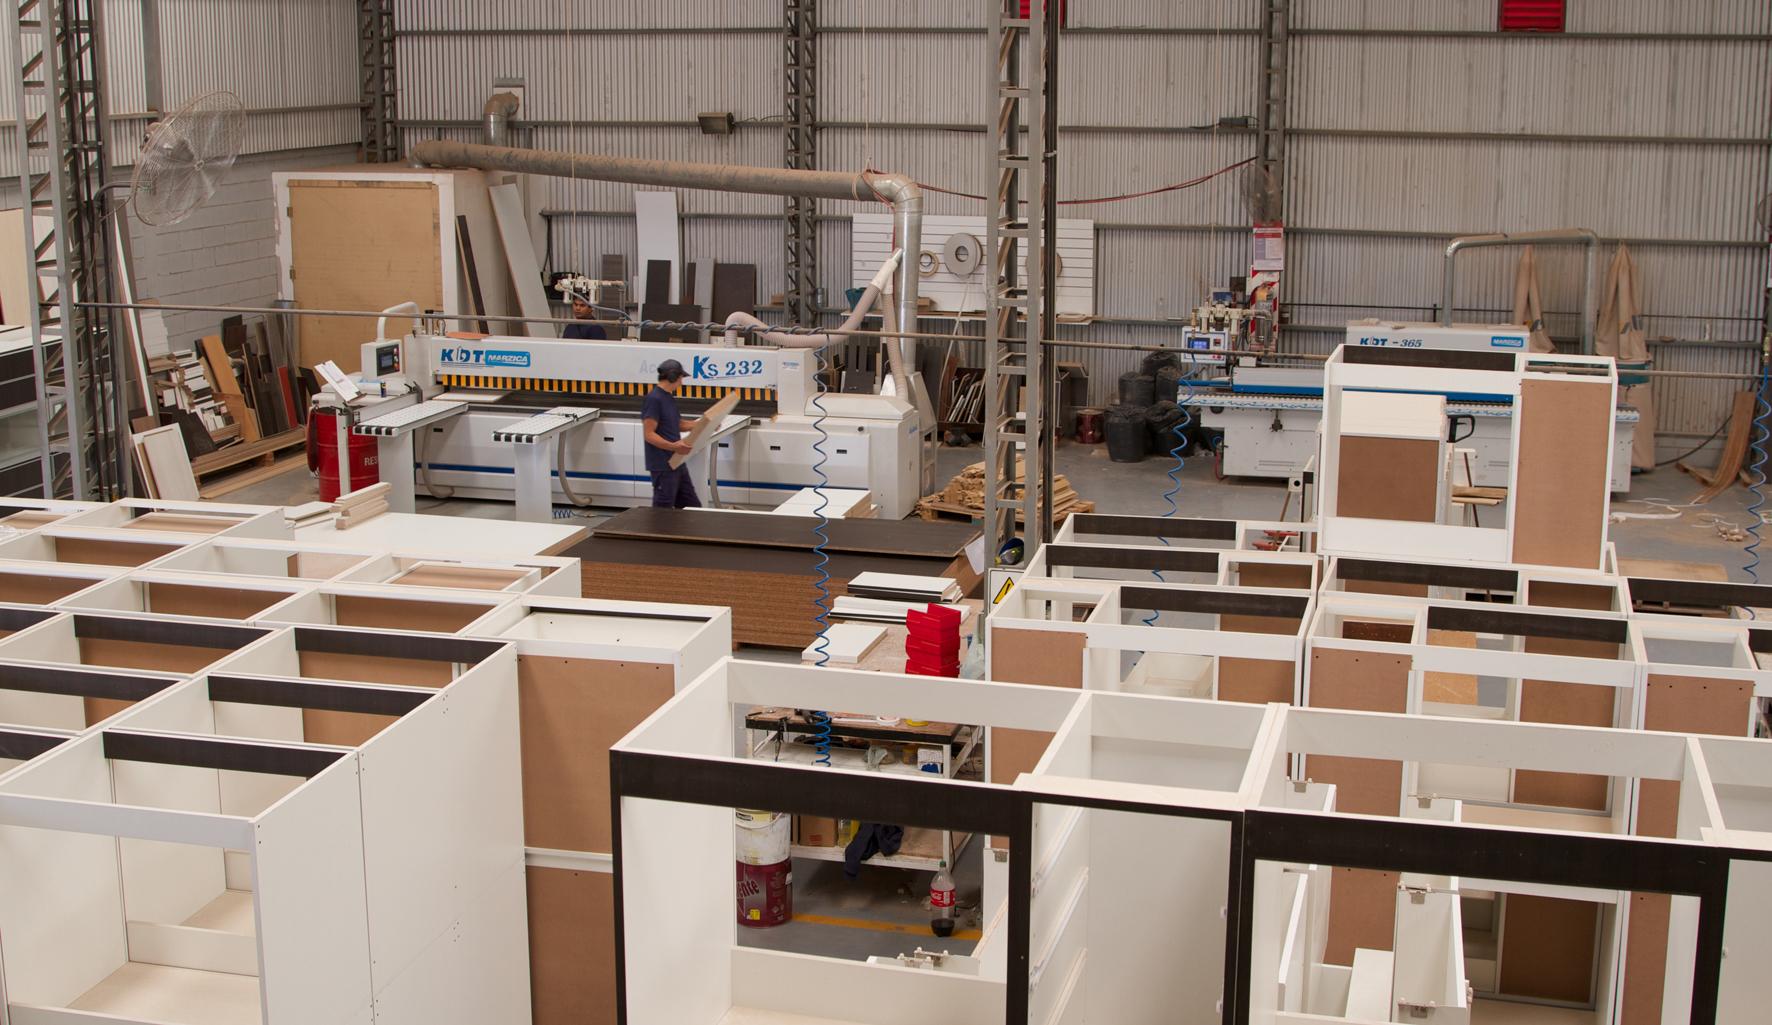 F bricas de muebles en china buscar an cambiar ubicaci n a - Fabrica de muebles en madera ...